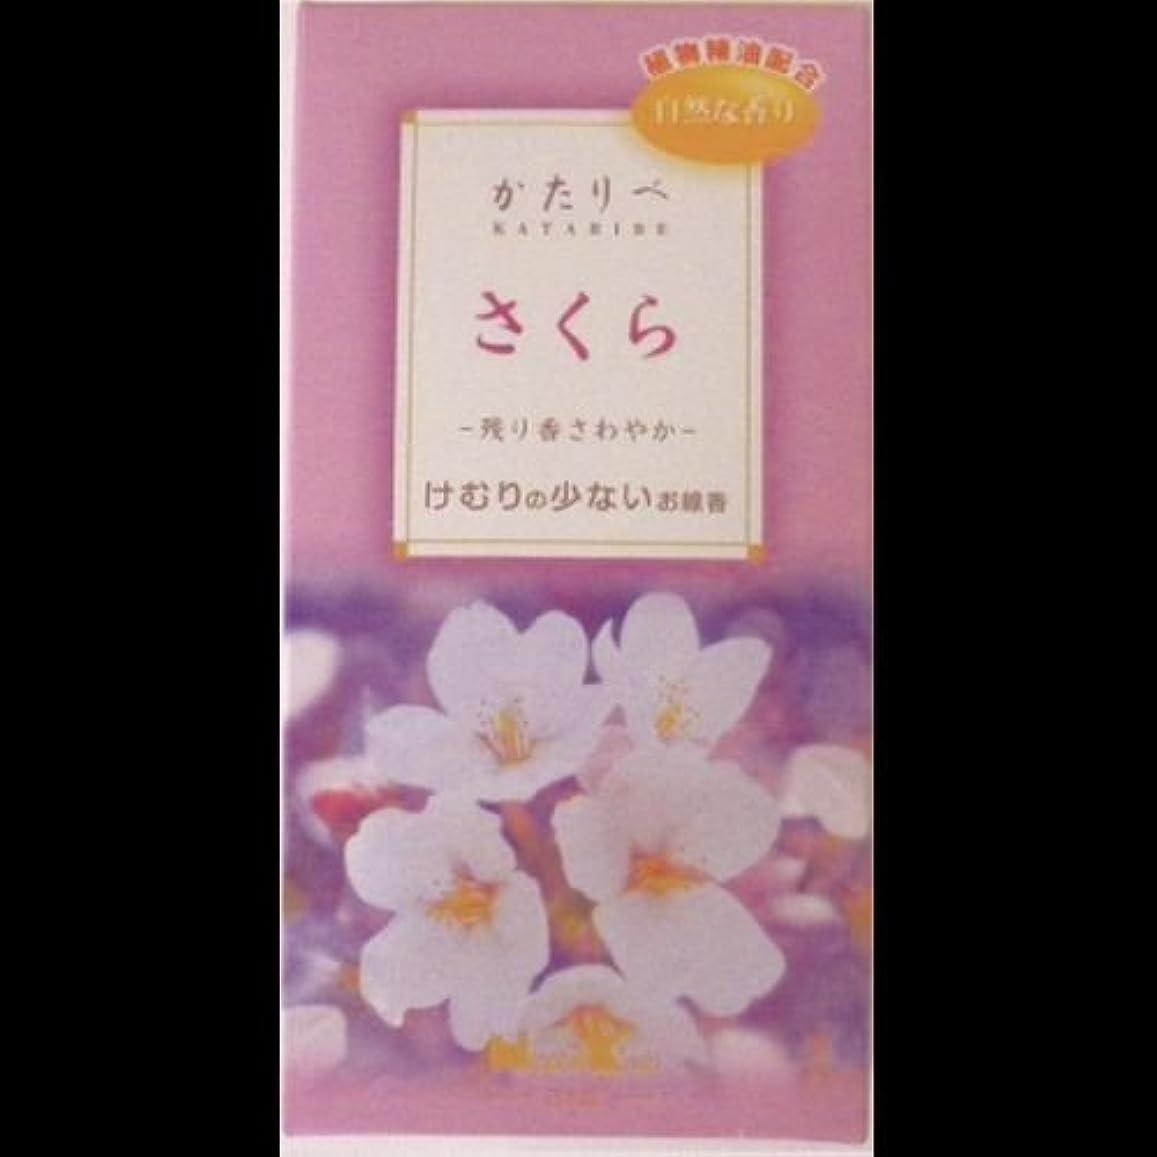 【まとめ買い】かたりべ さくら バラ詰 ×2セット